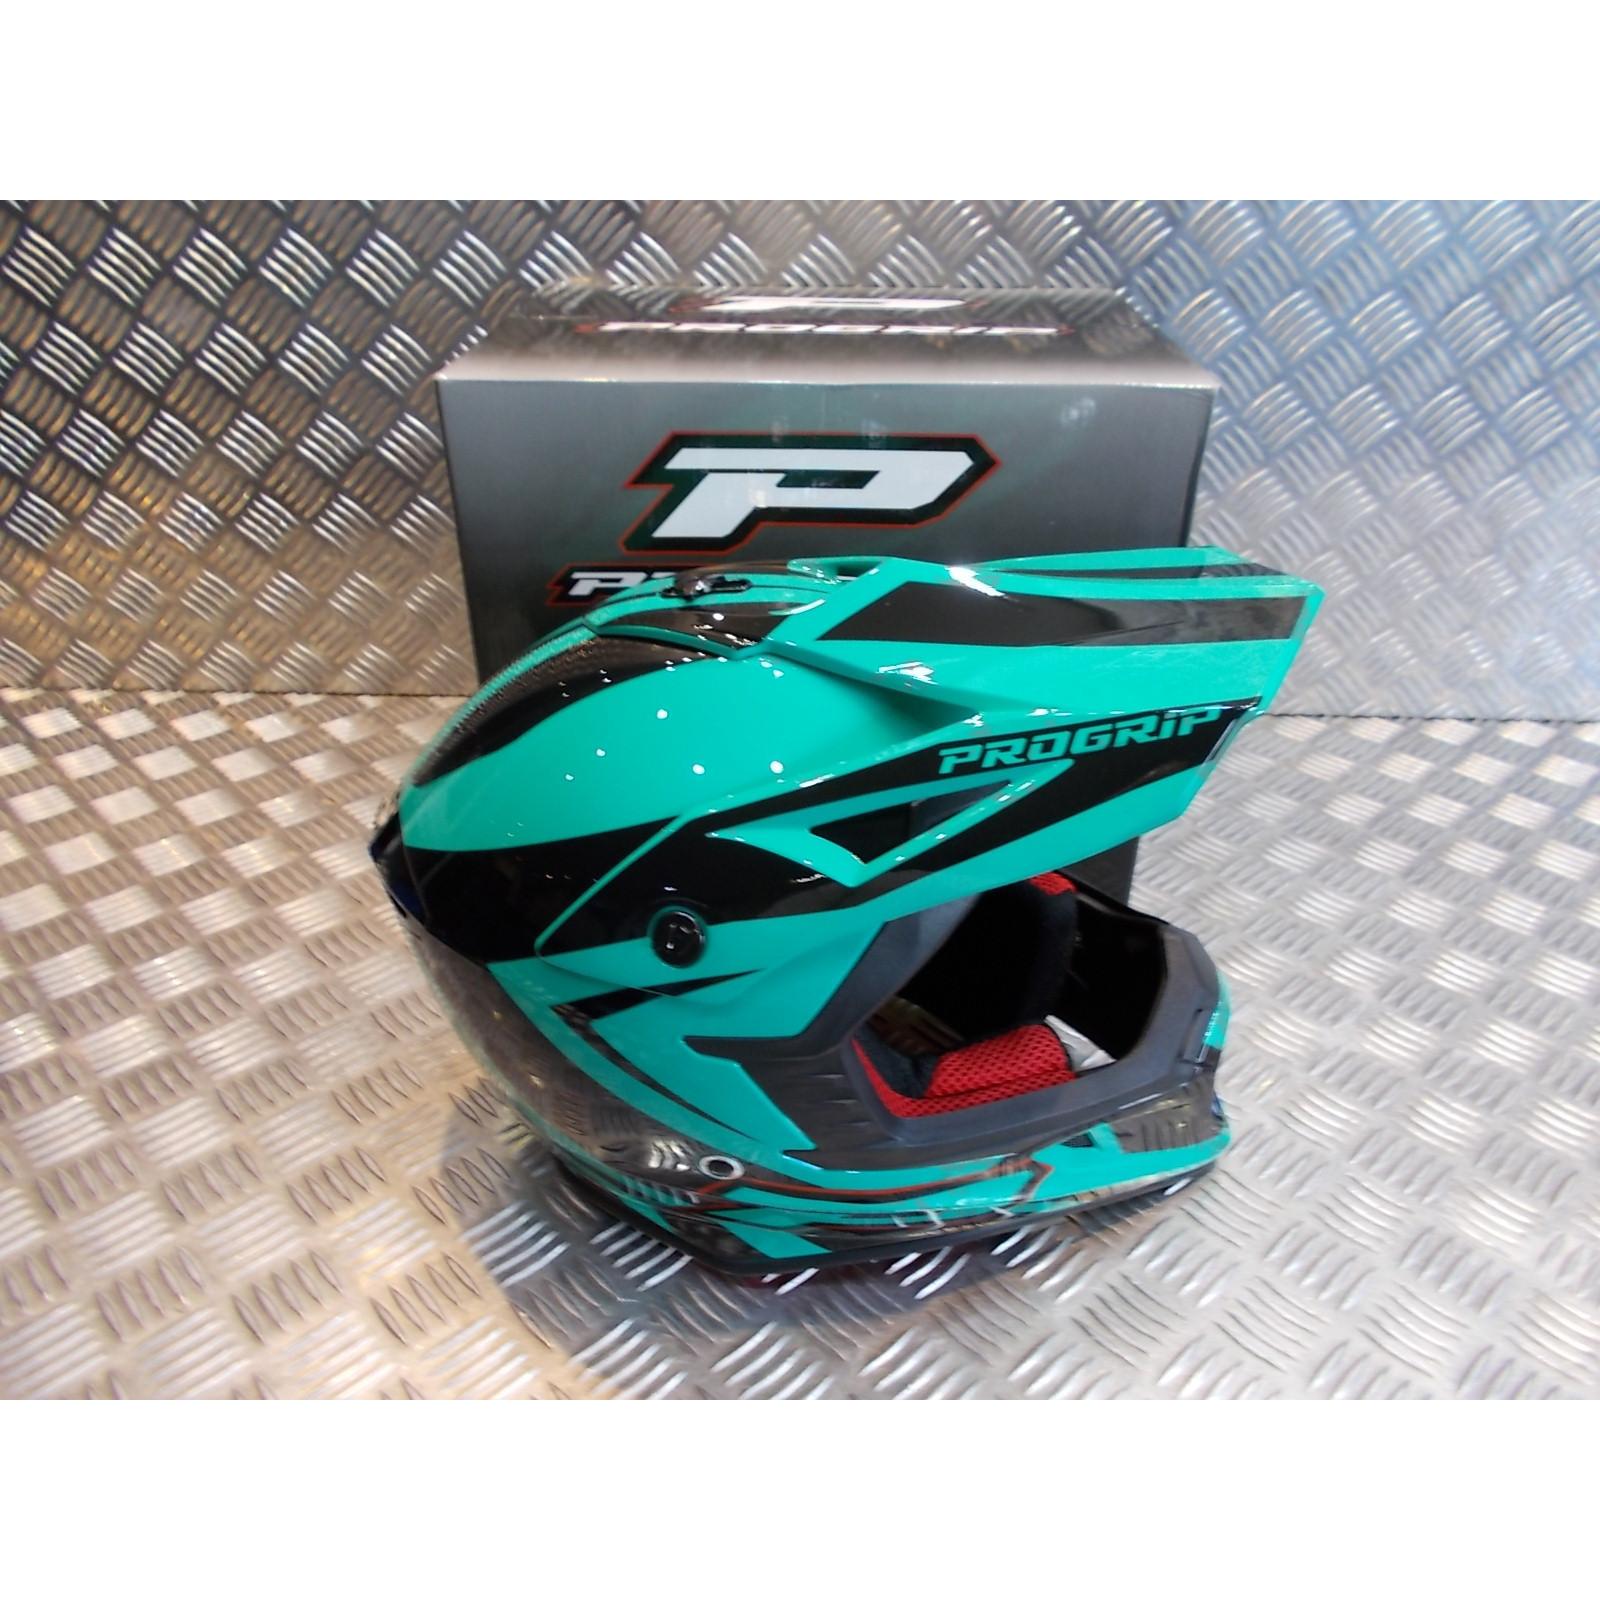 casque progrip 3095 pour moto cross mx enduro taille l 59 - 60 aqua